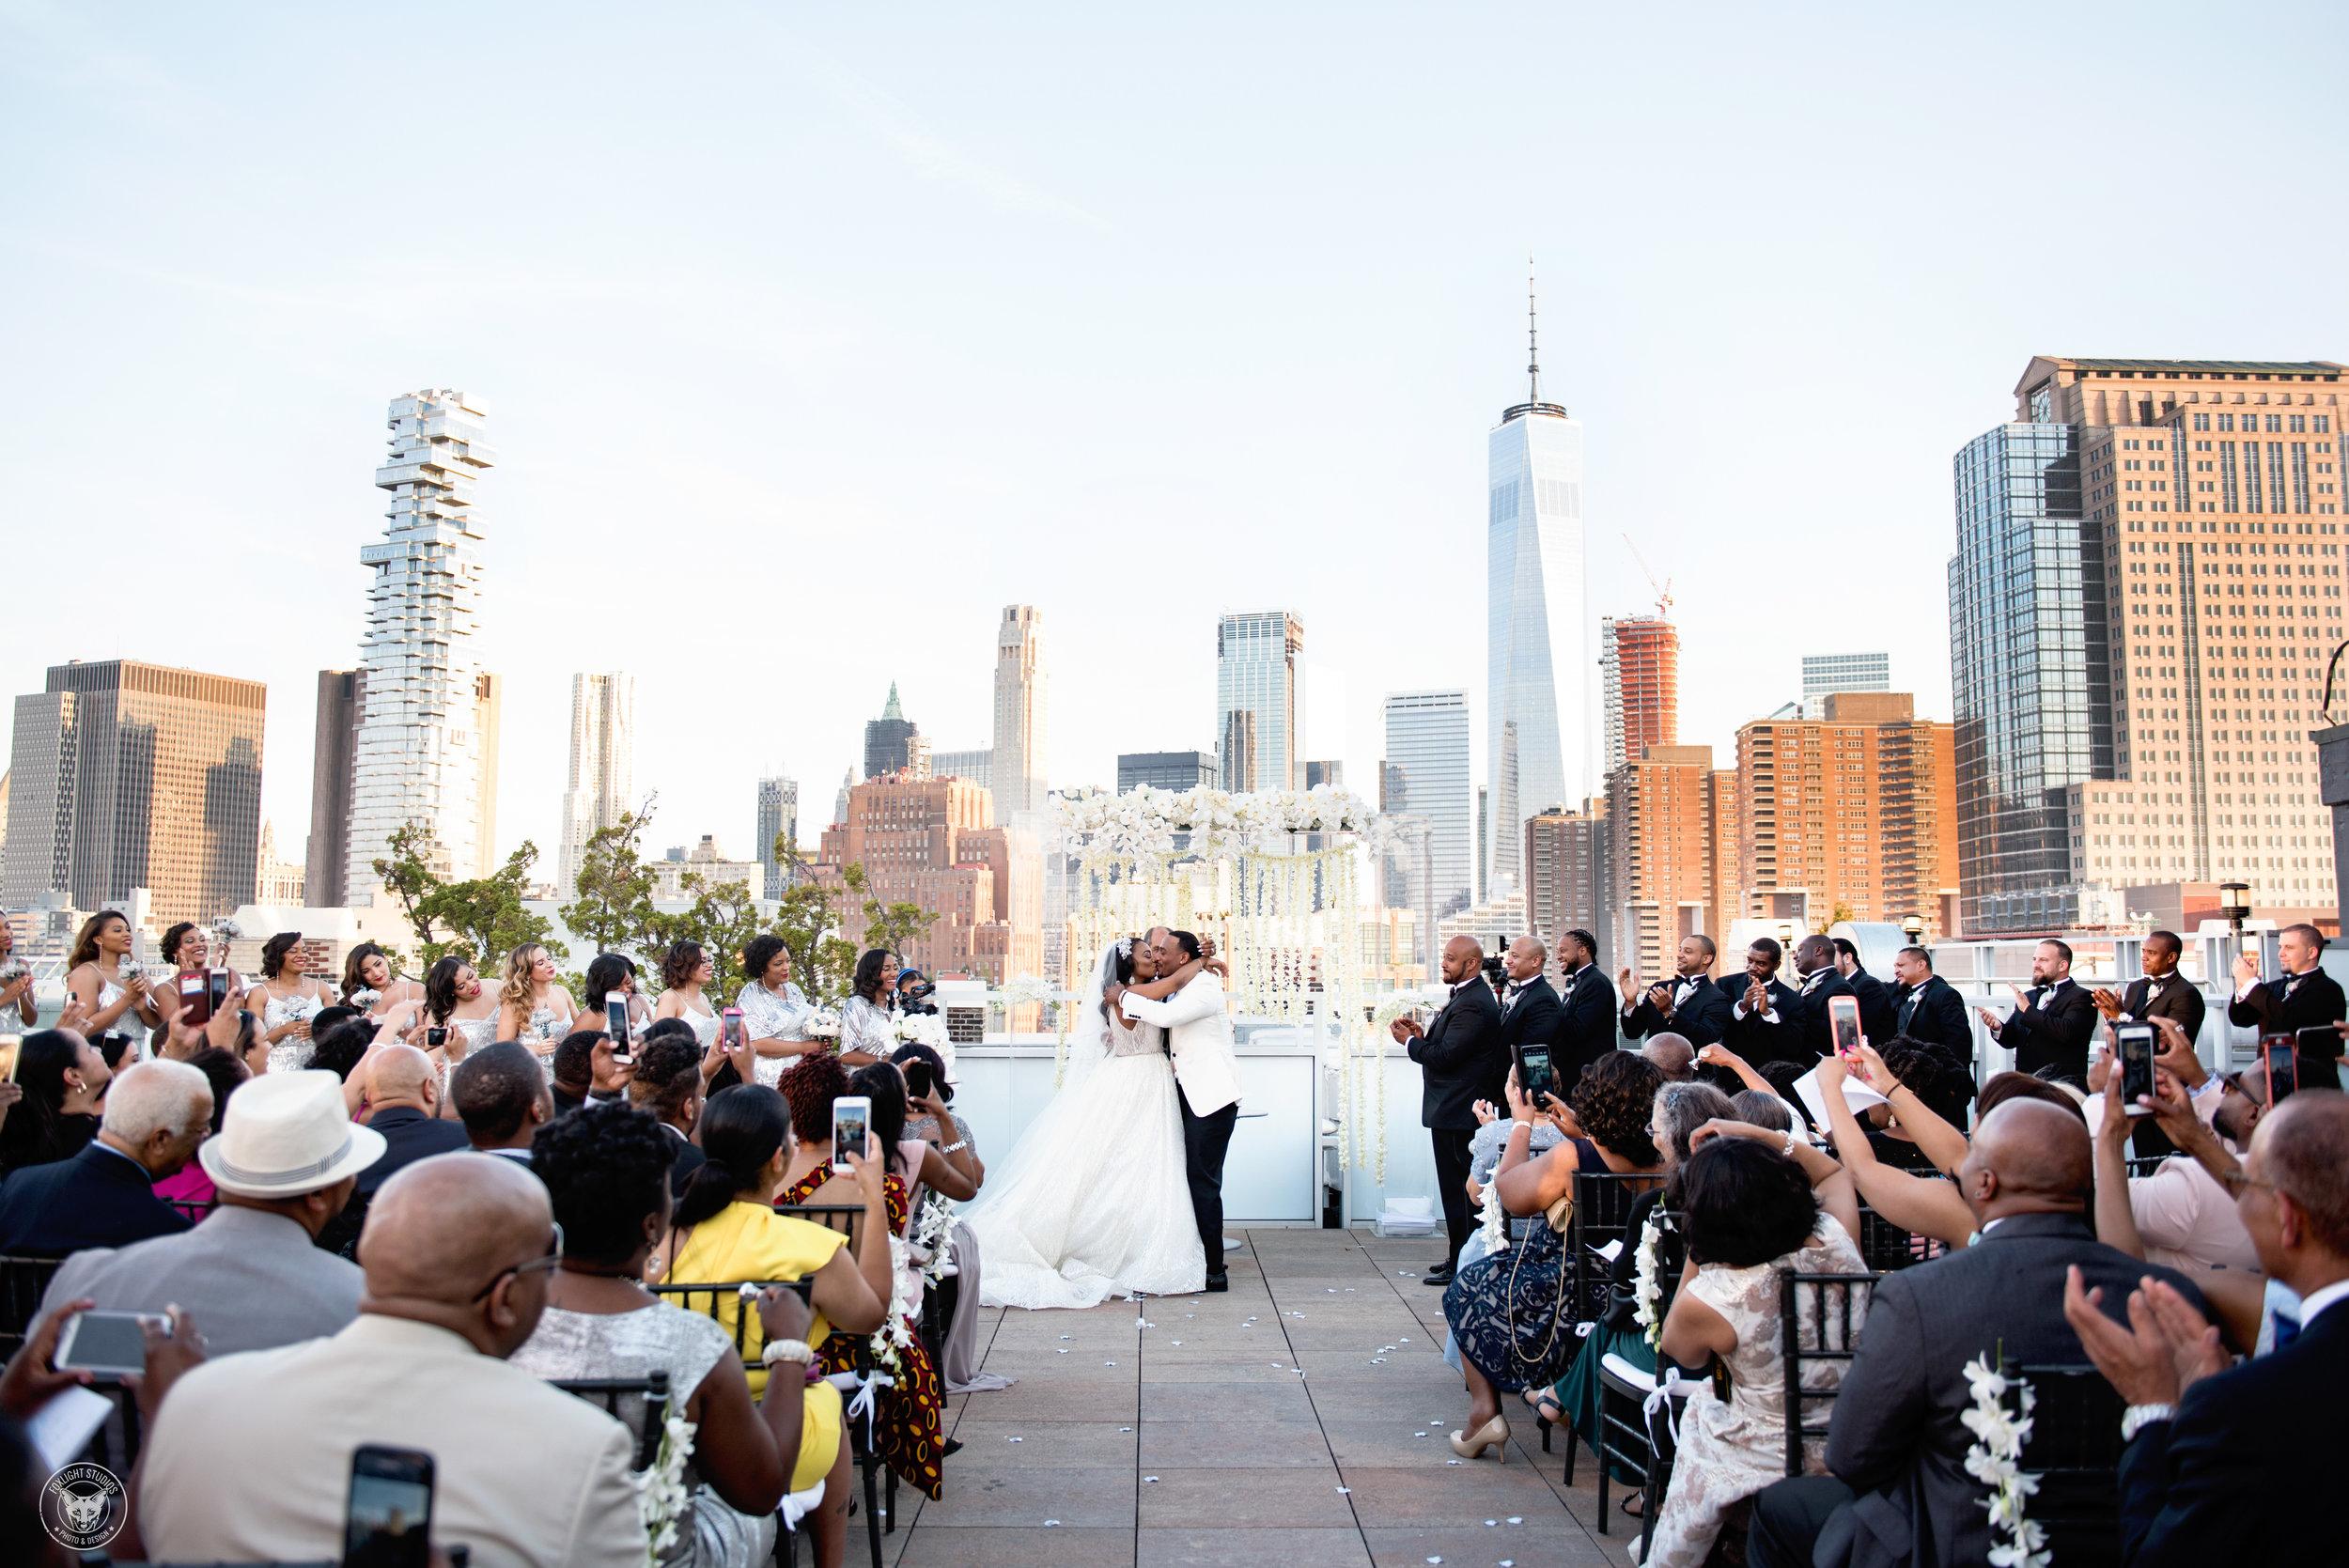 Tribeca_Rooftop_Wedding50.jpg